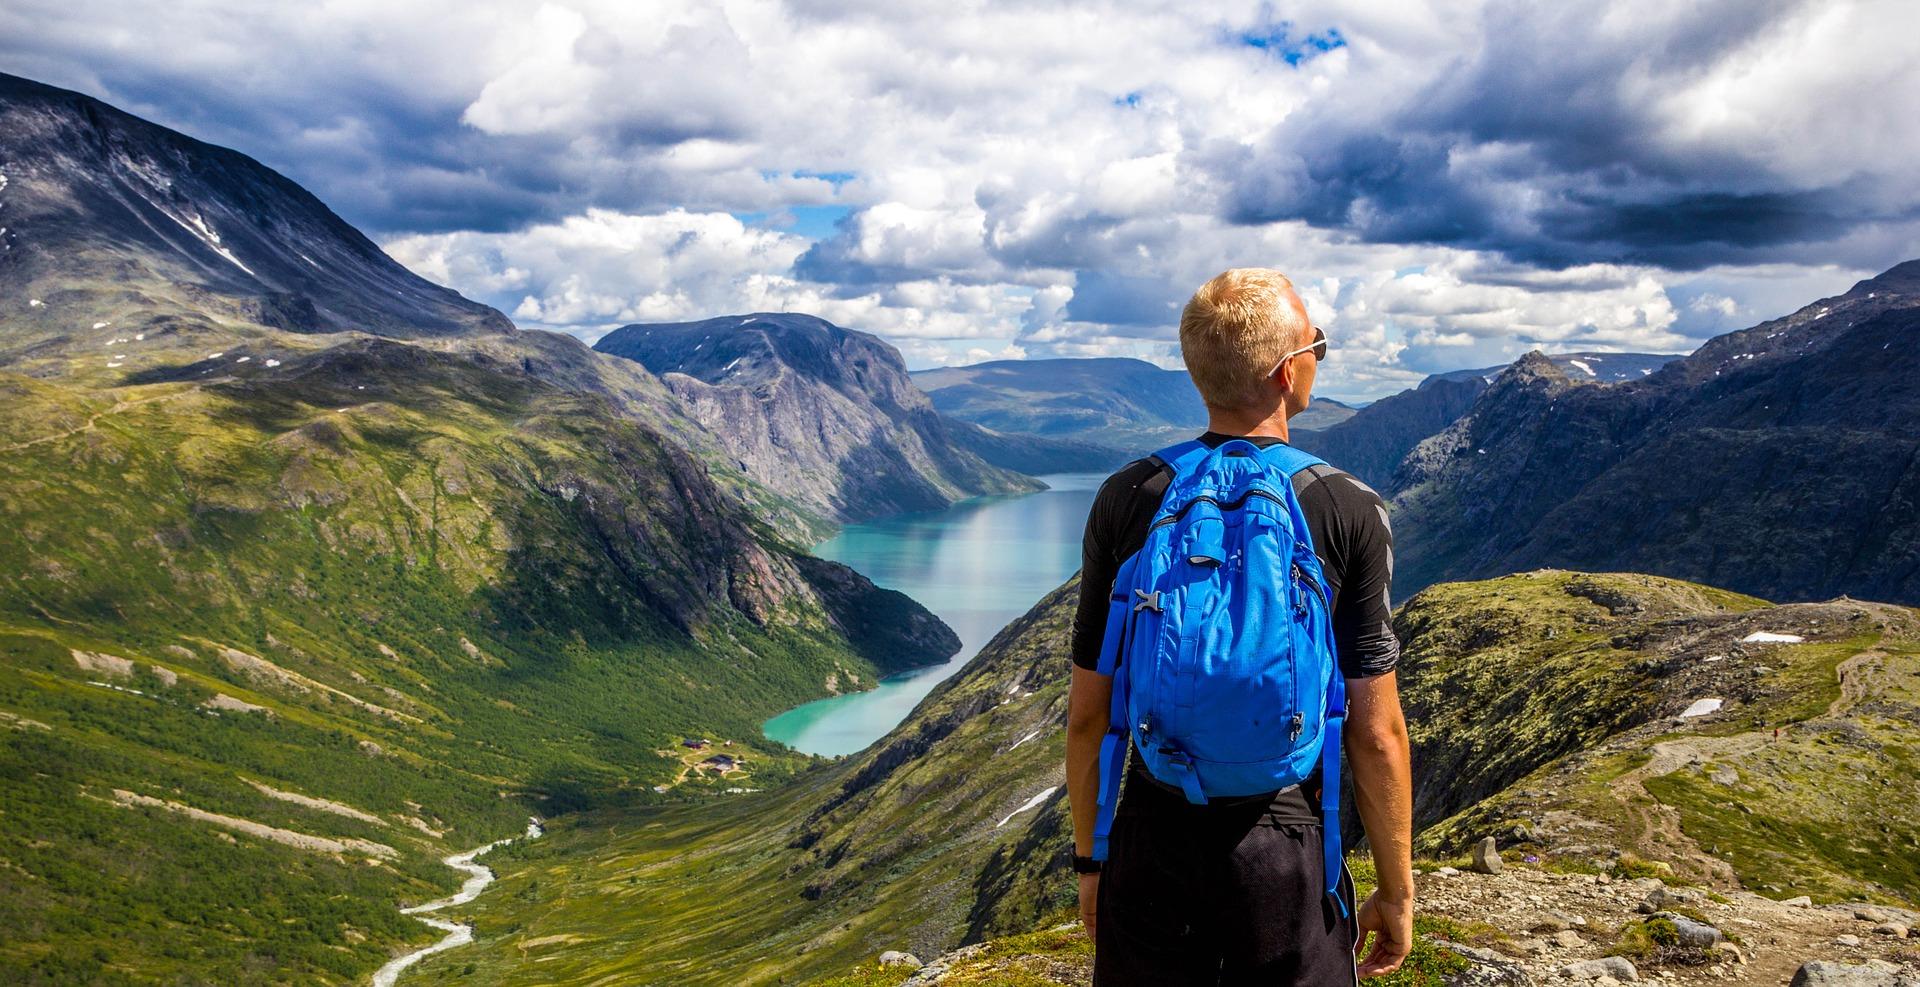 El 2017 será el año del turismo sostenible